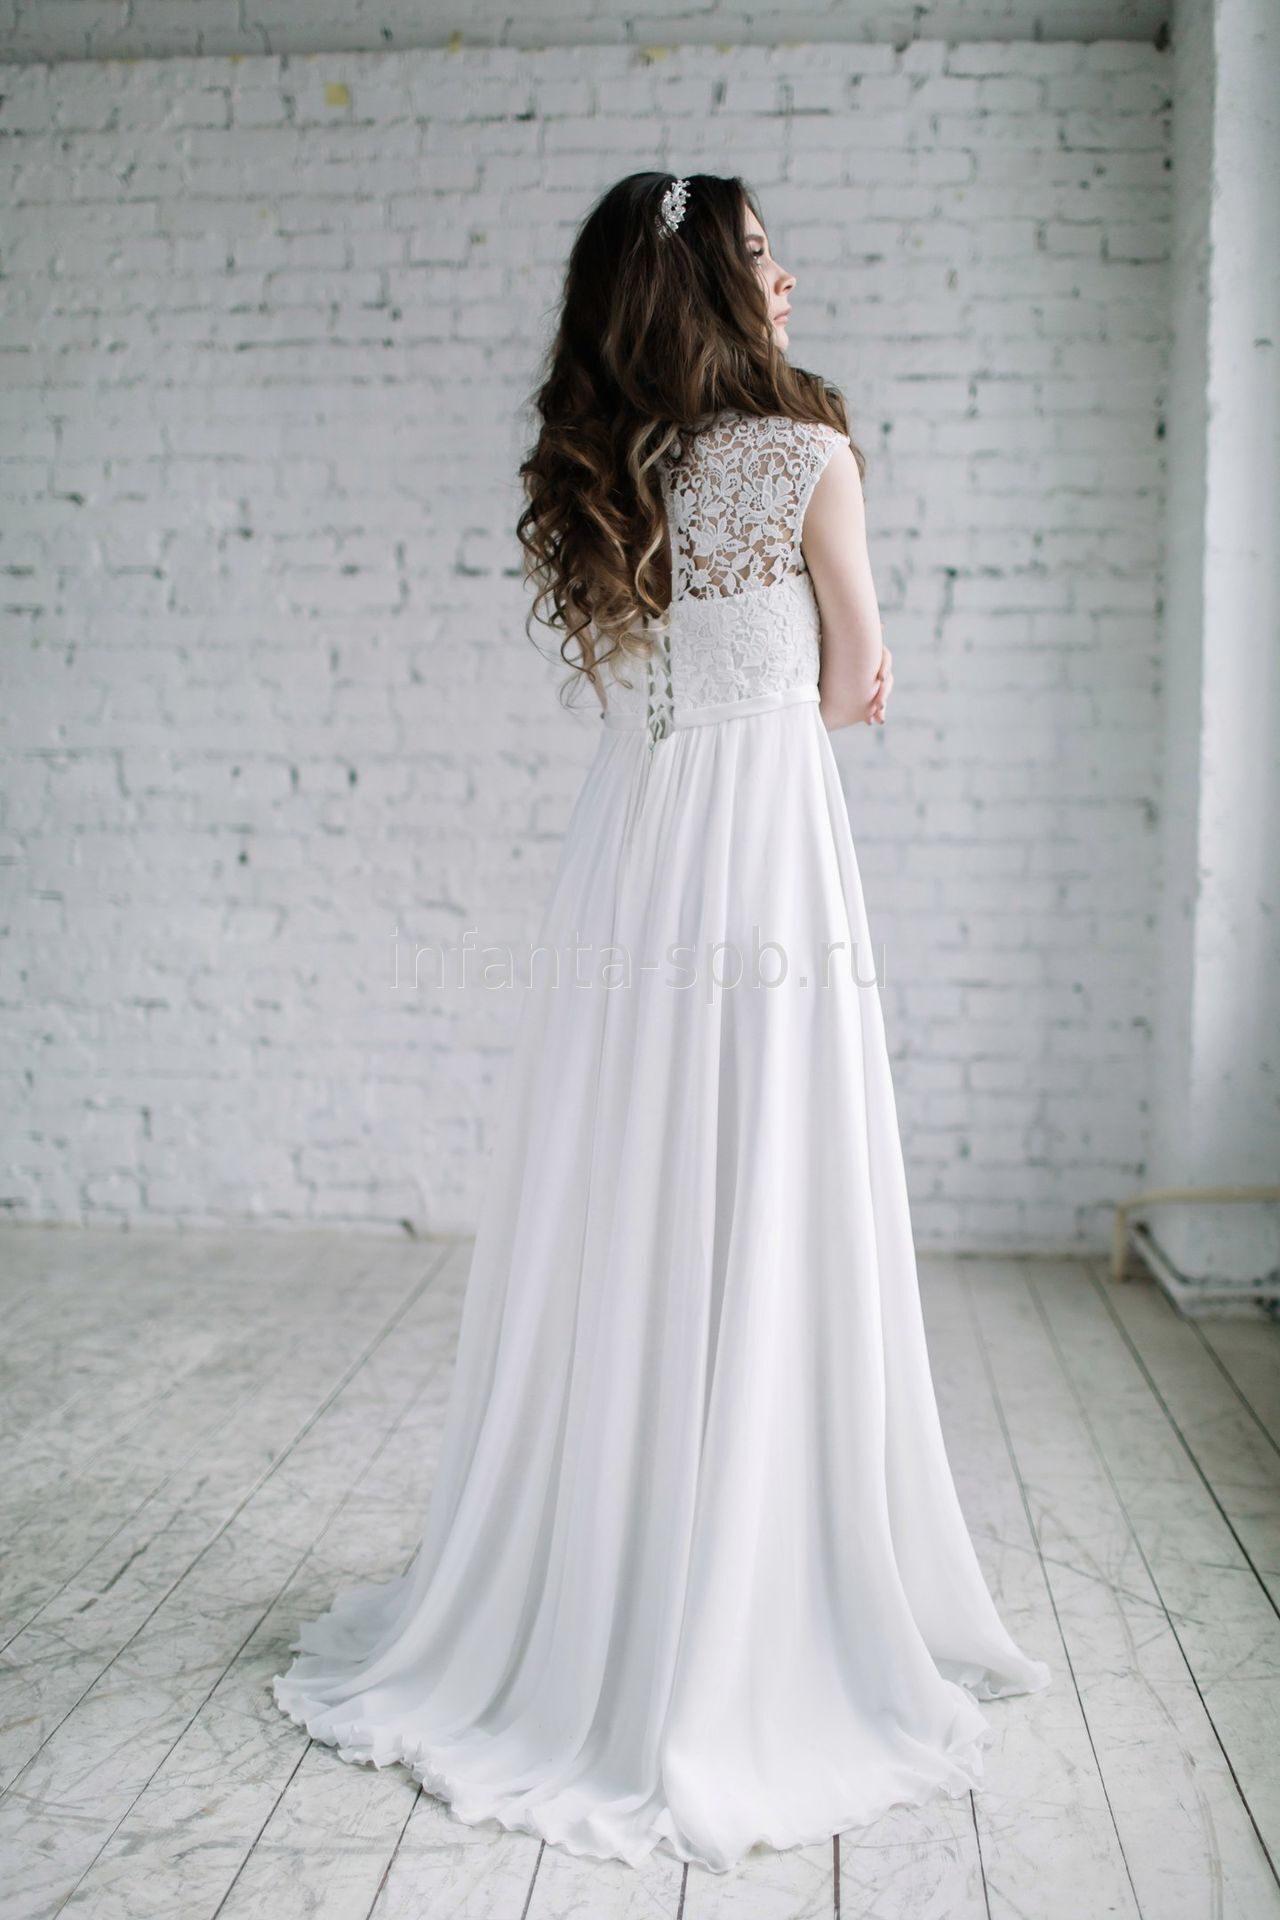 Где Купить Свадебные Платья Недорого В Спб